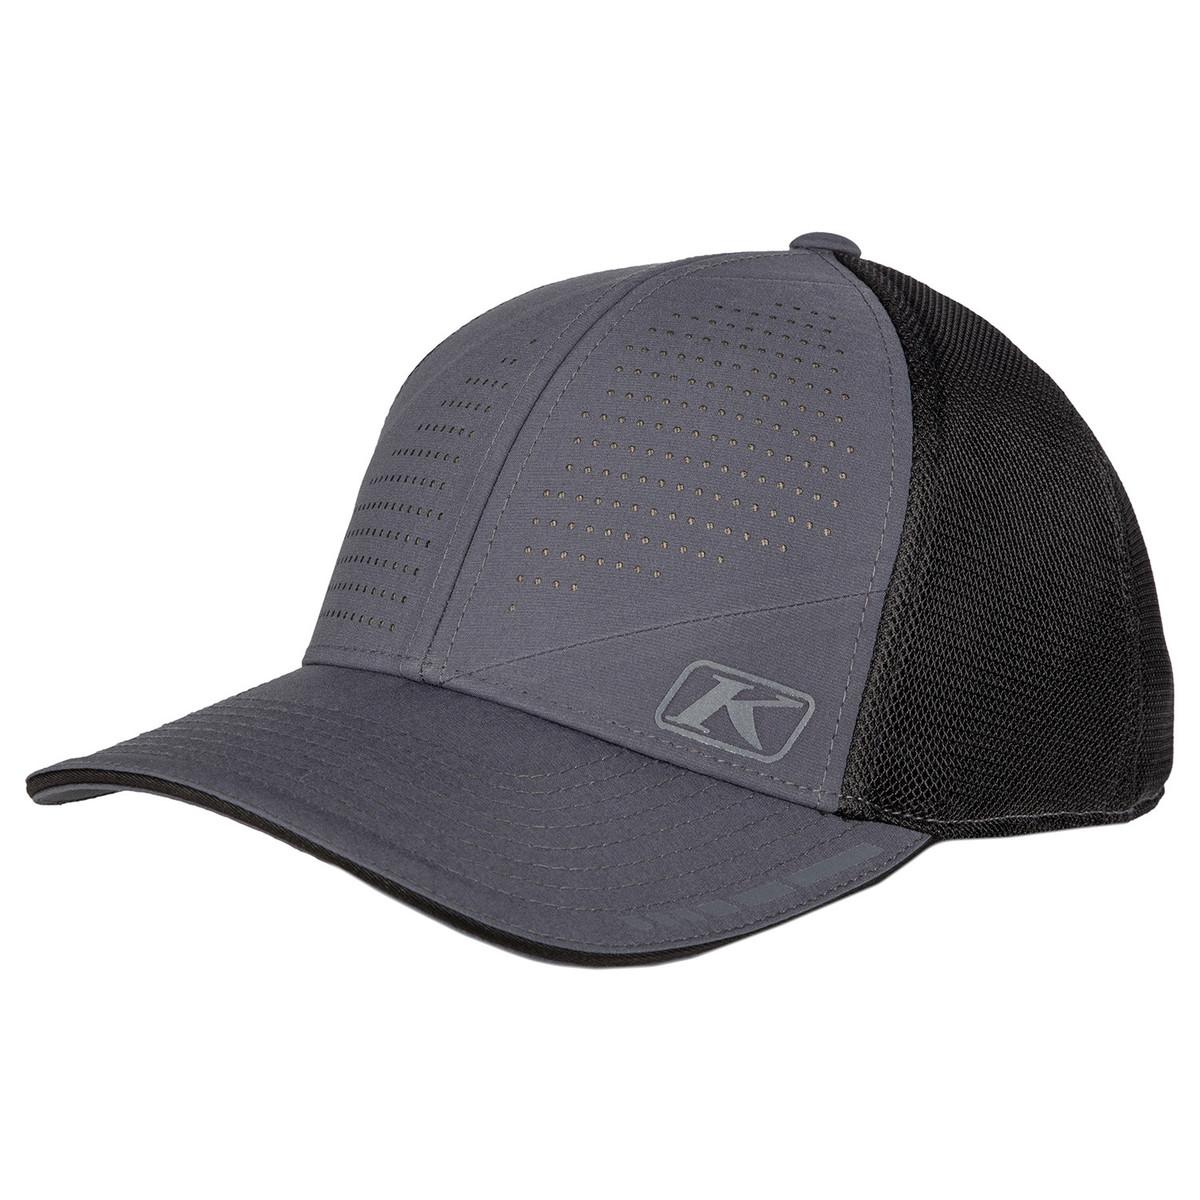 740a6153f7c Caps